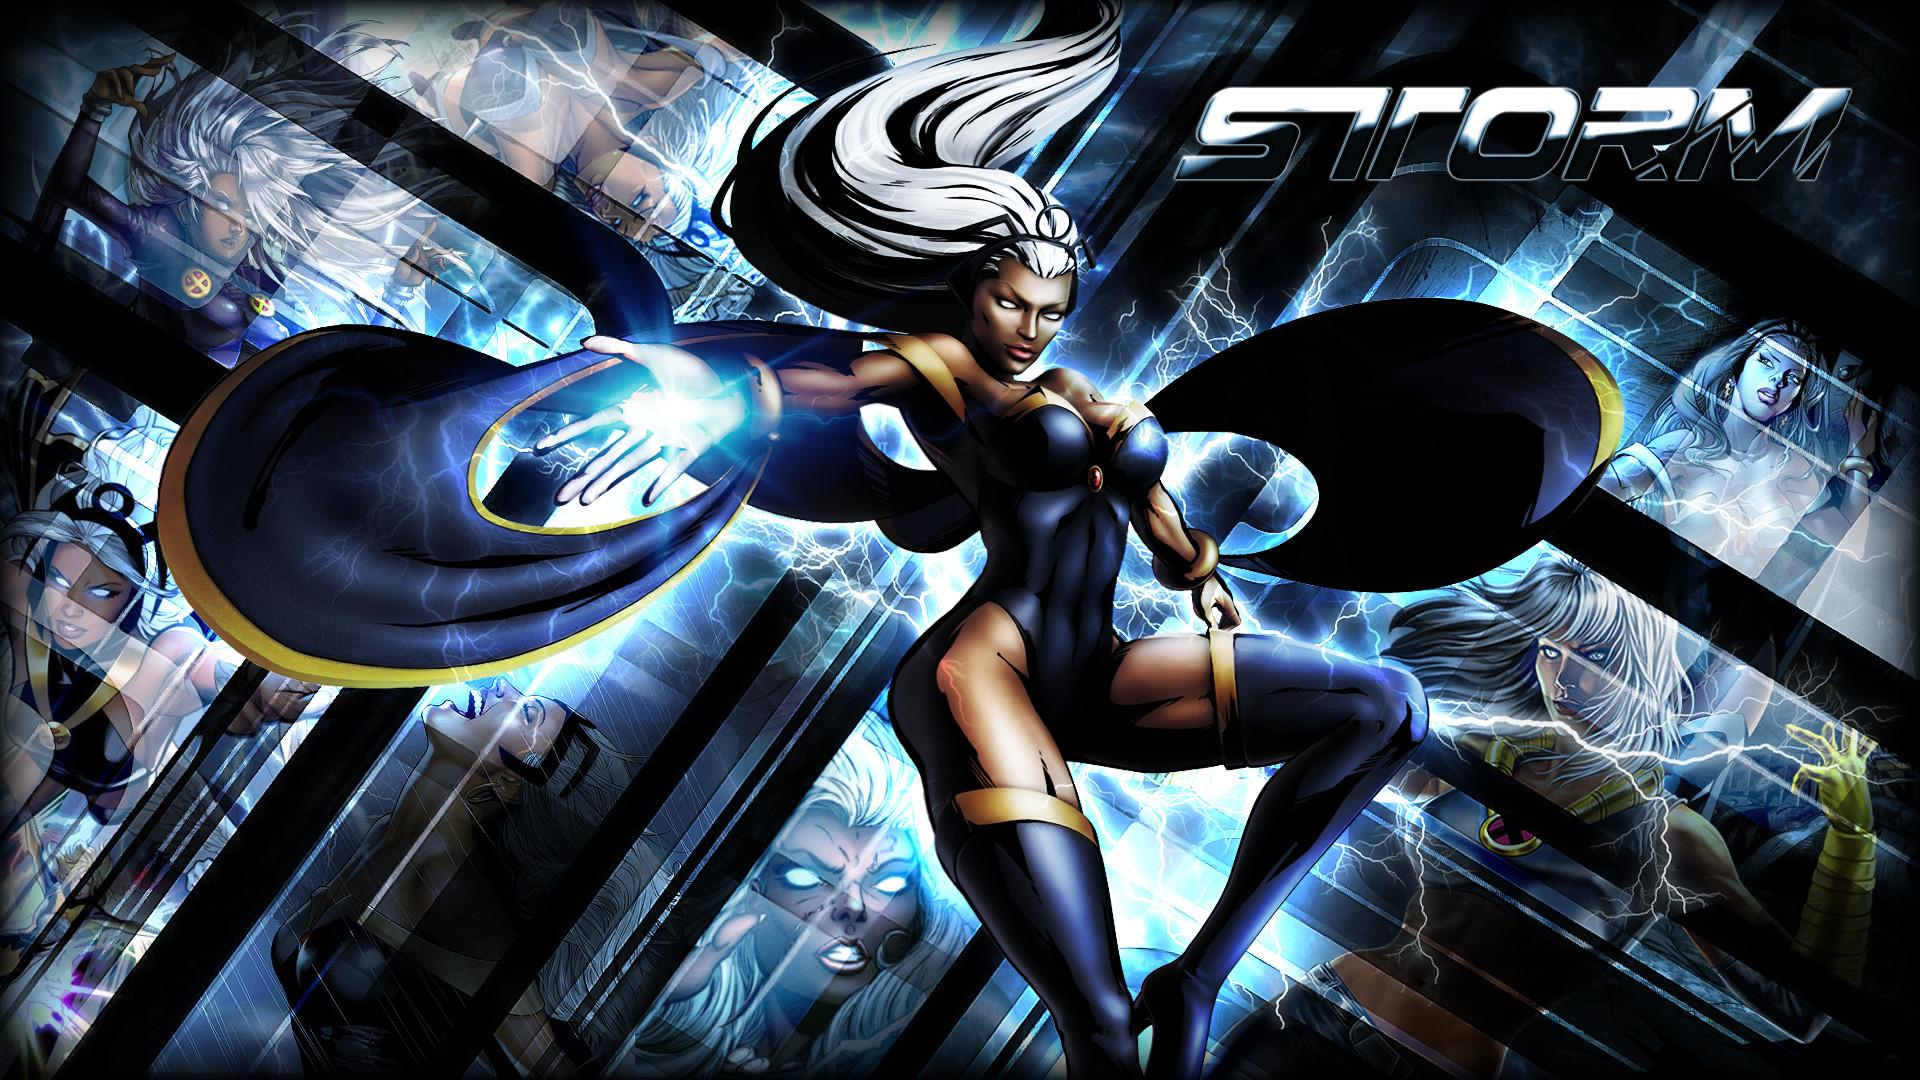 Storm X Men Wallpaper 63 Images: X Men Storm Wallpaper (66+ Images